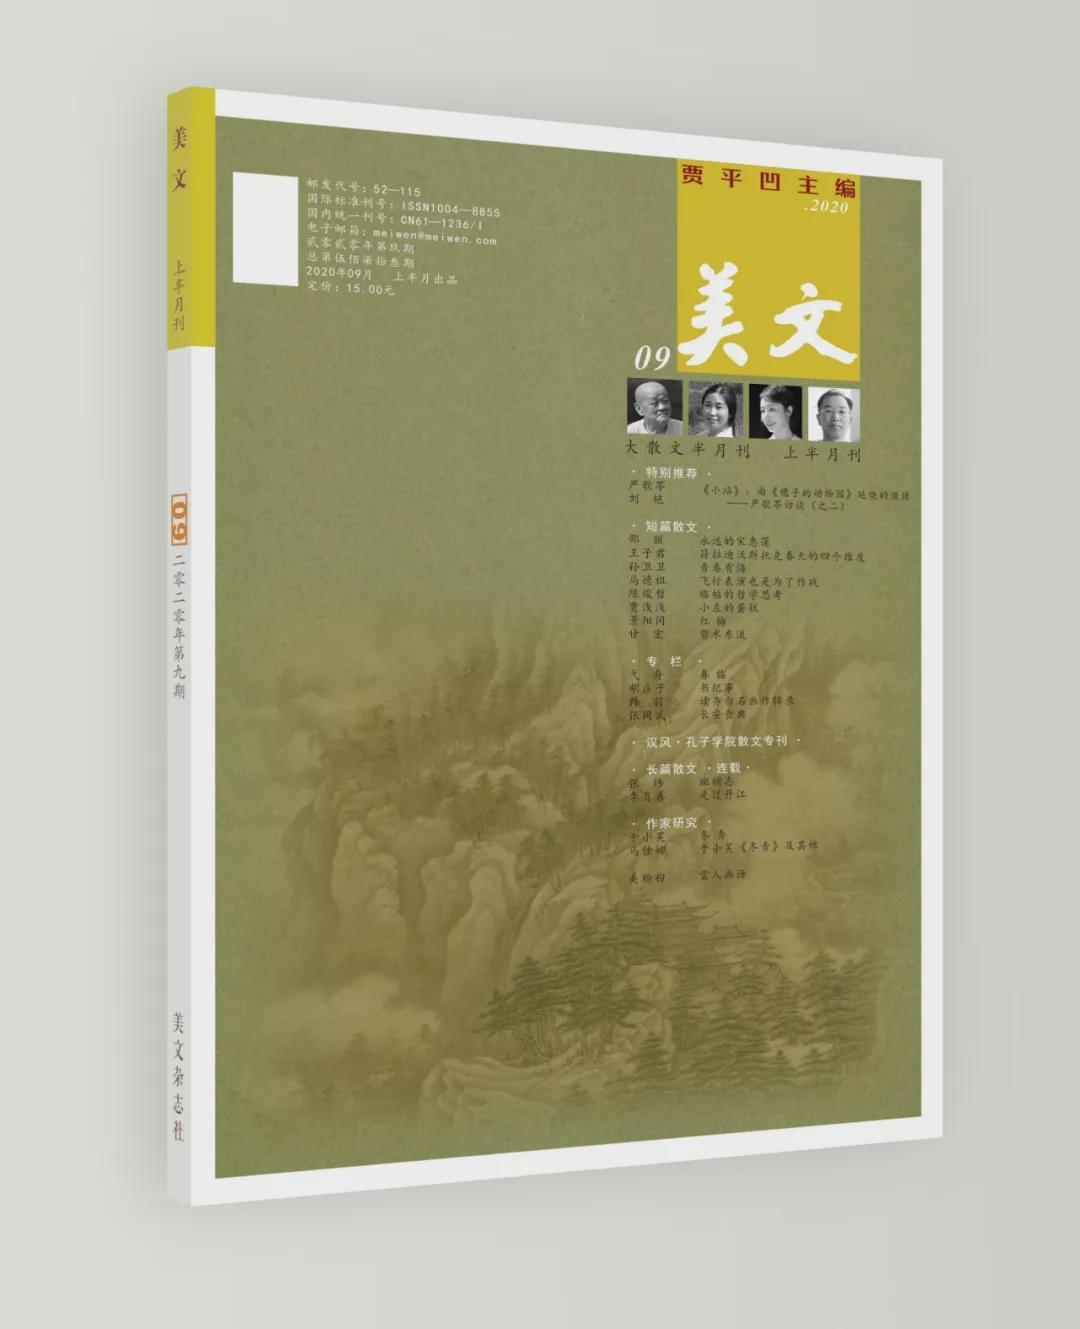 美文欣赏 丨王子君:符拉迪沃斯托克春天的四个维度